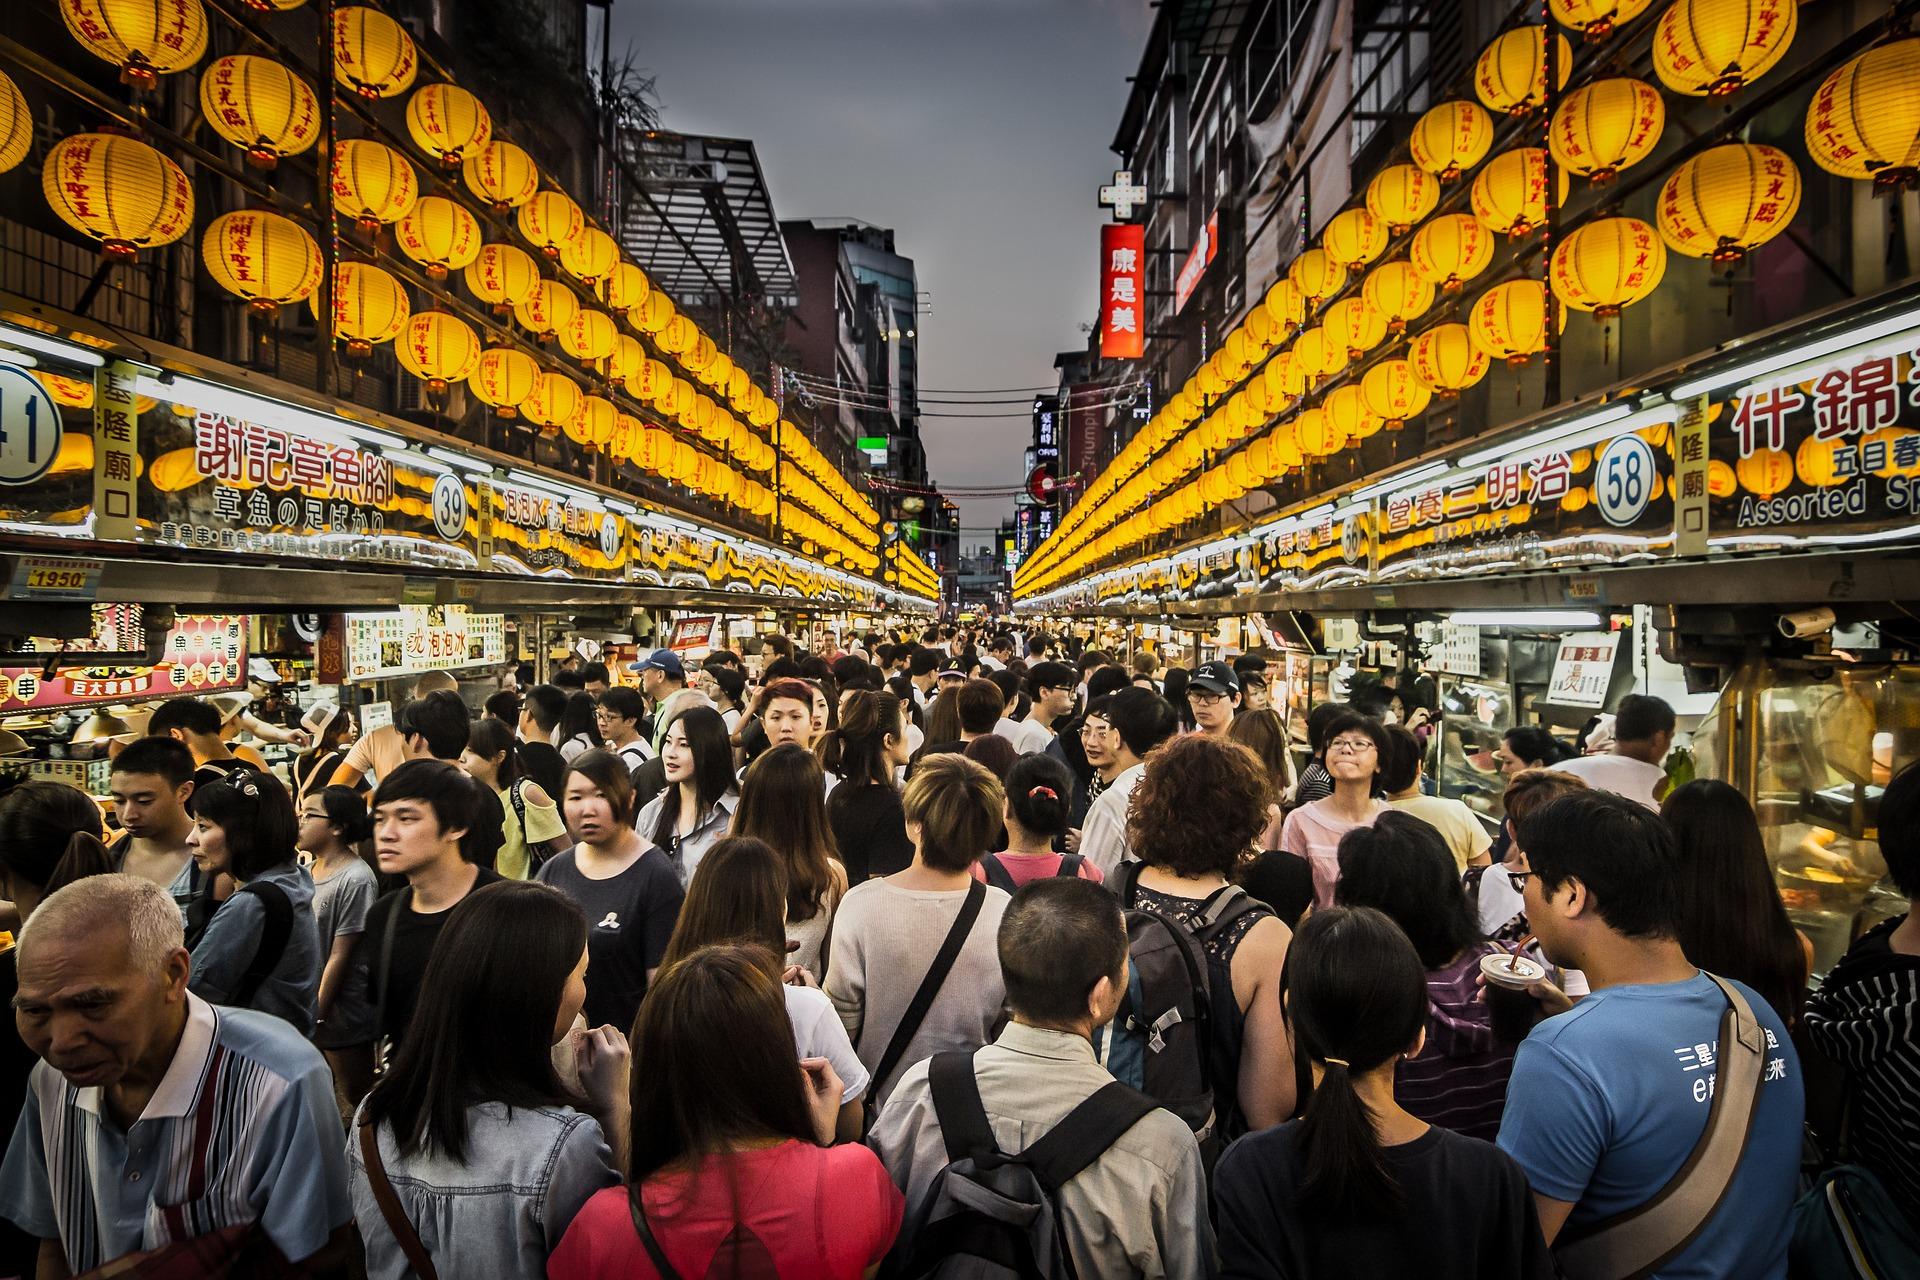 night-market-1714683_1920.jpg